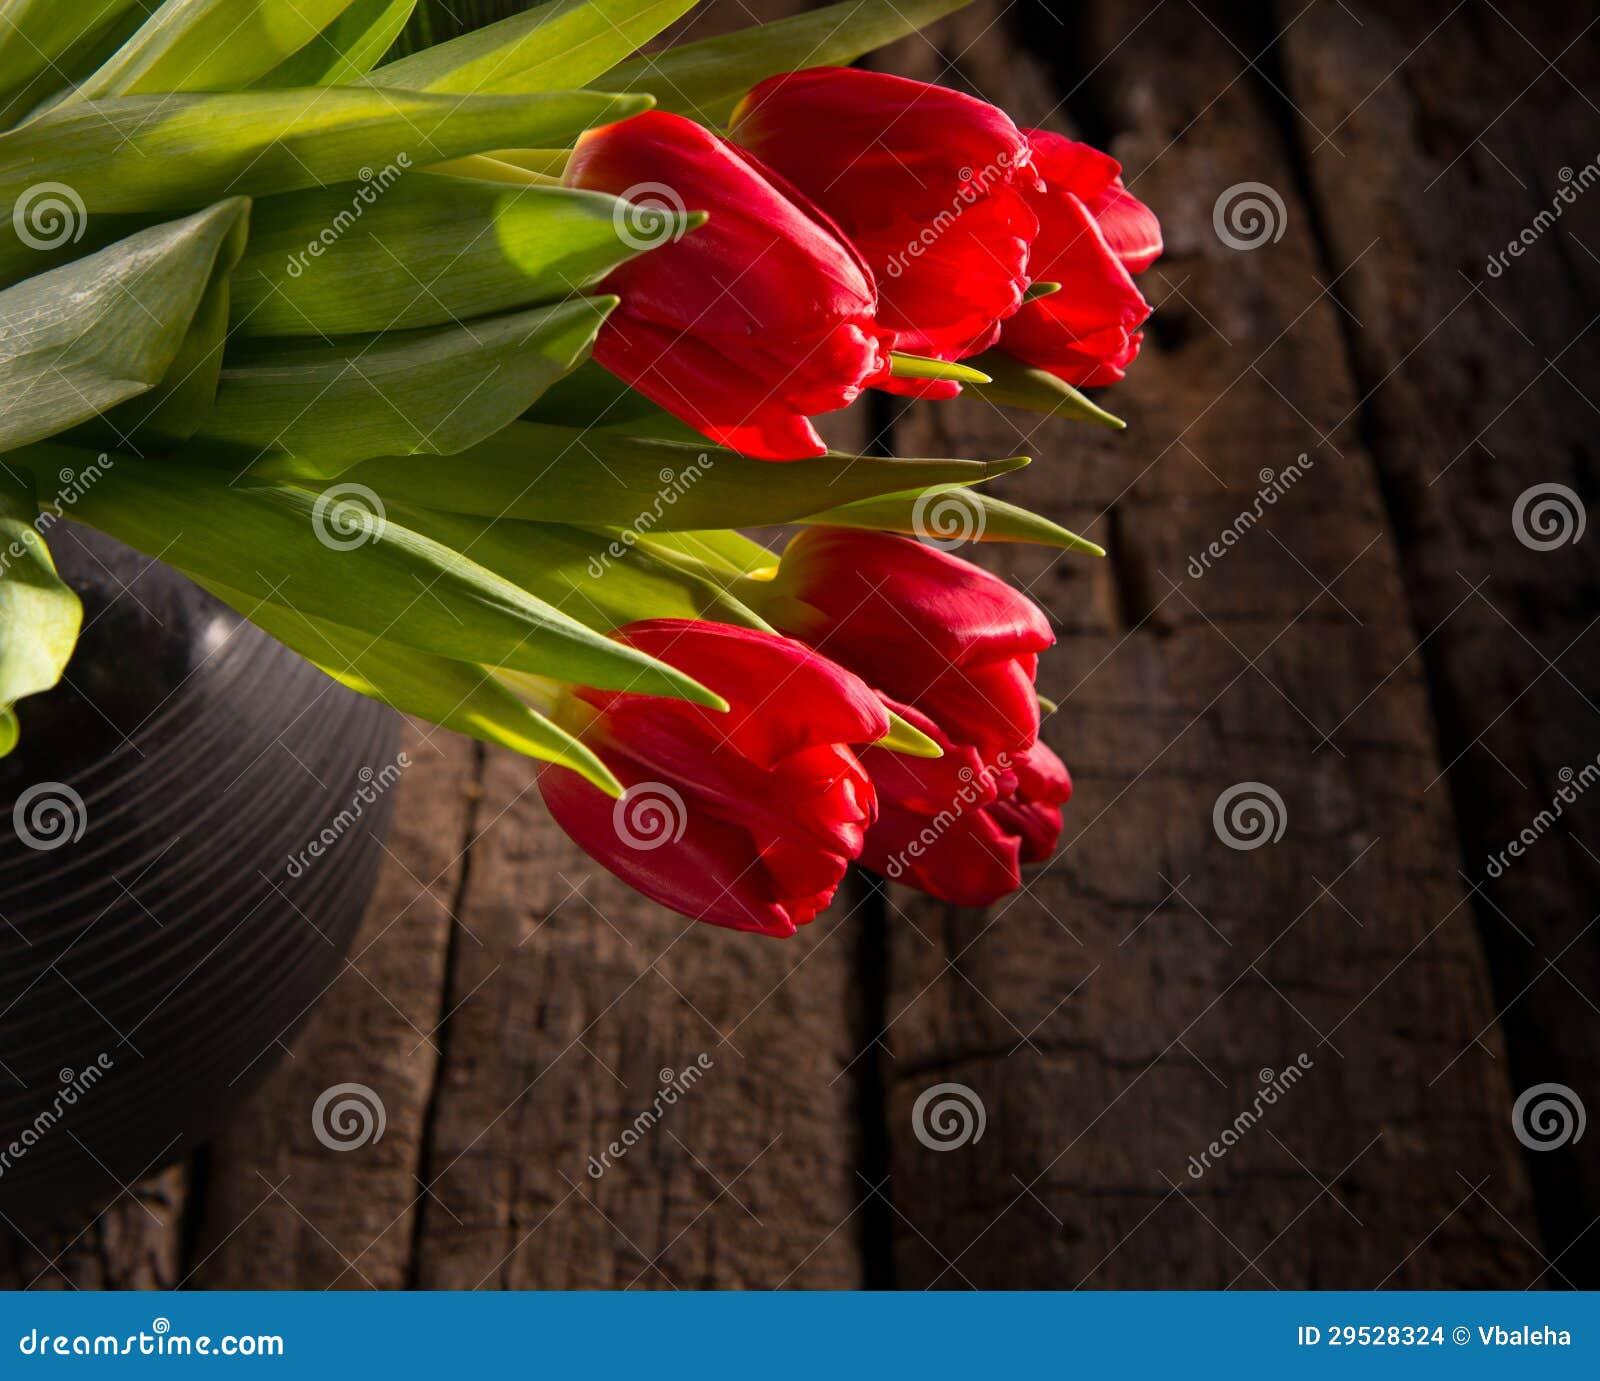 Tulipas vermelhas bonitas